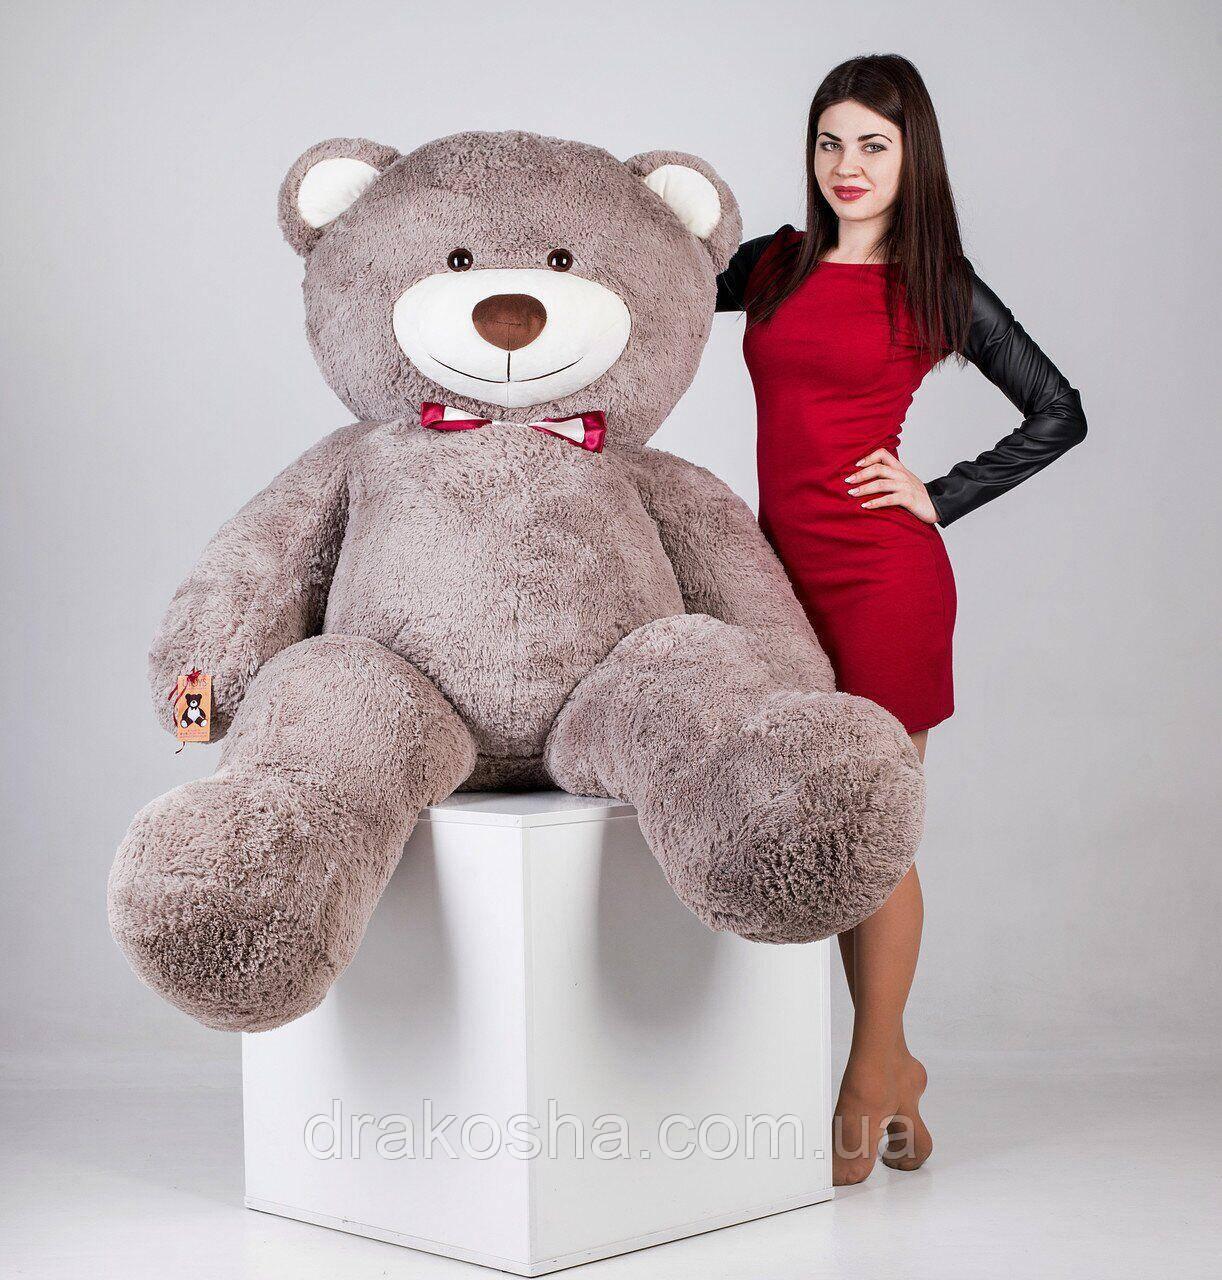 Большой мягкий плюшевый мишка 200 см Капучино, мягкий медведь Ричард Yarokuz на подарок